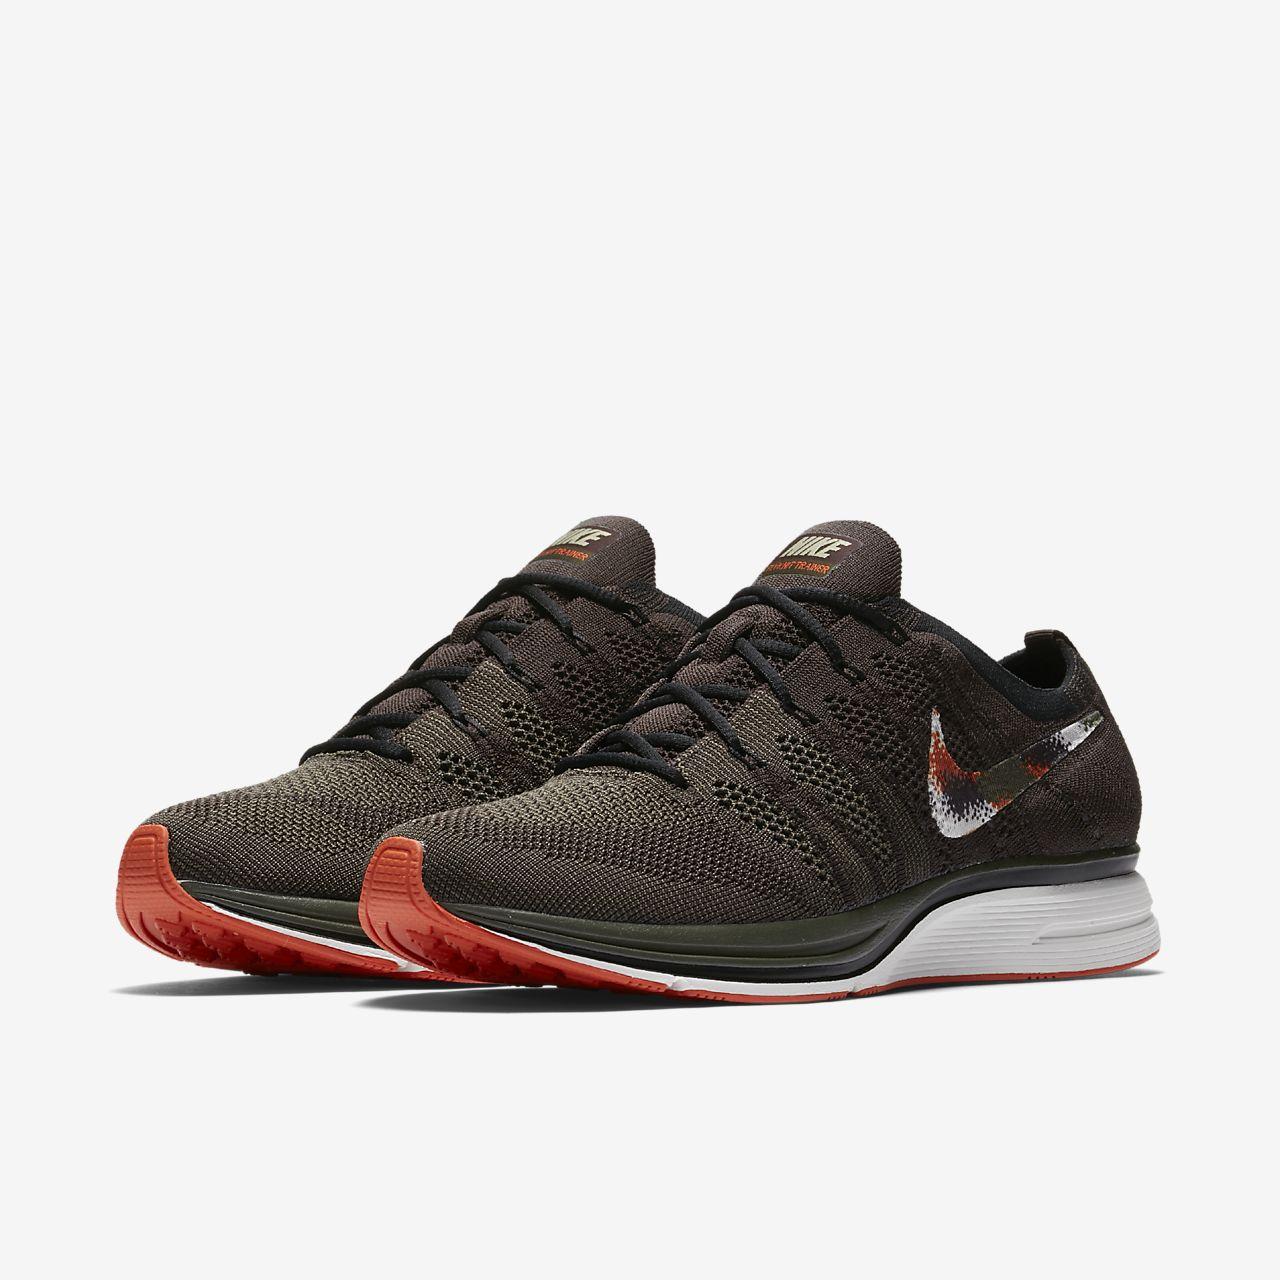 promo code f7fc3 2b1fd ... Nike Flyknit Trainer Unisex Shoe